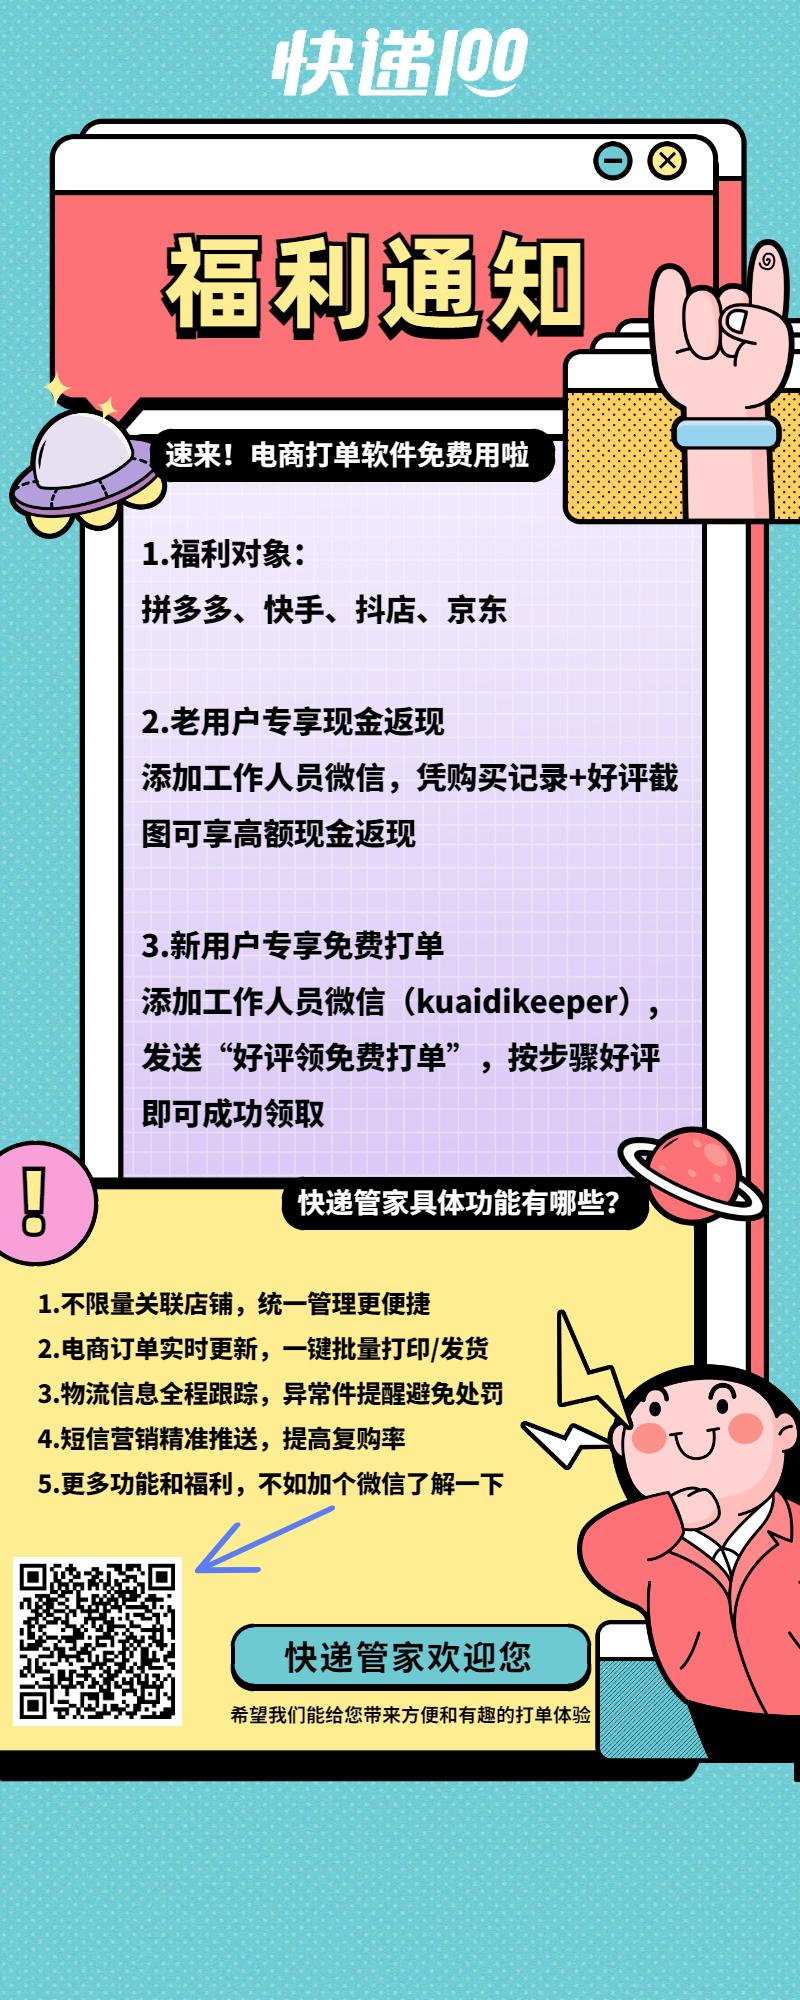 校园招聘_扁平_手机海报.jpg